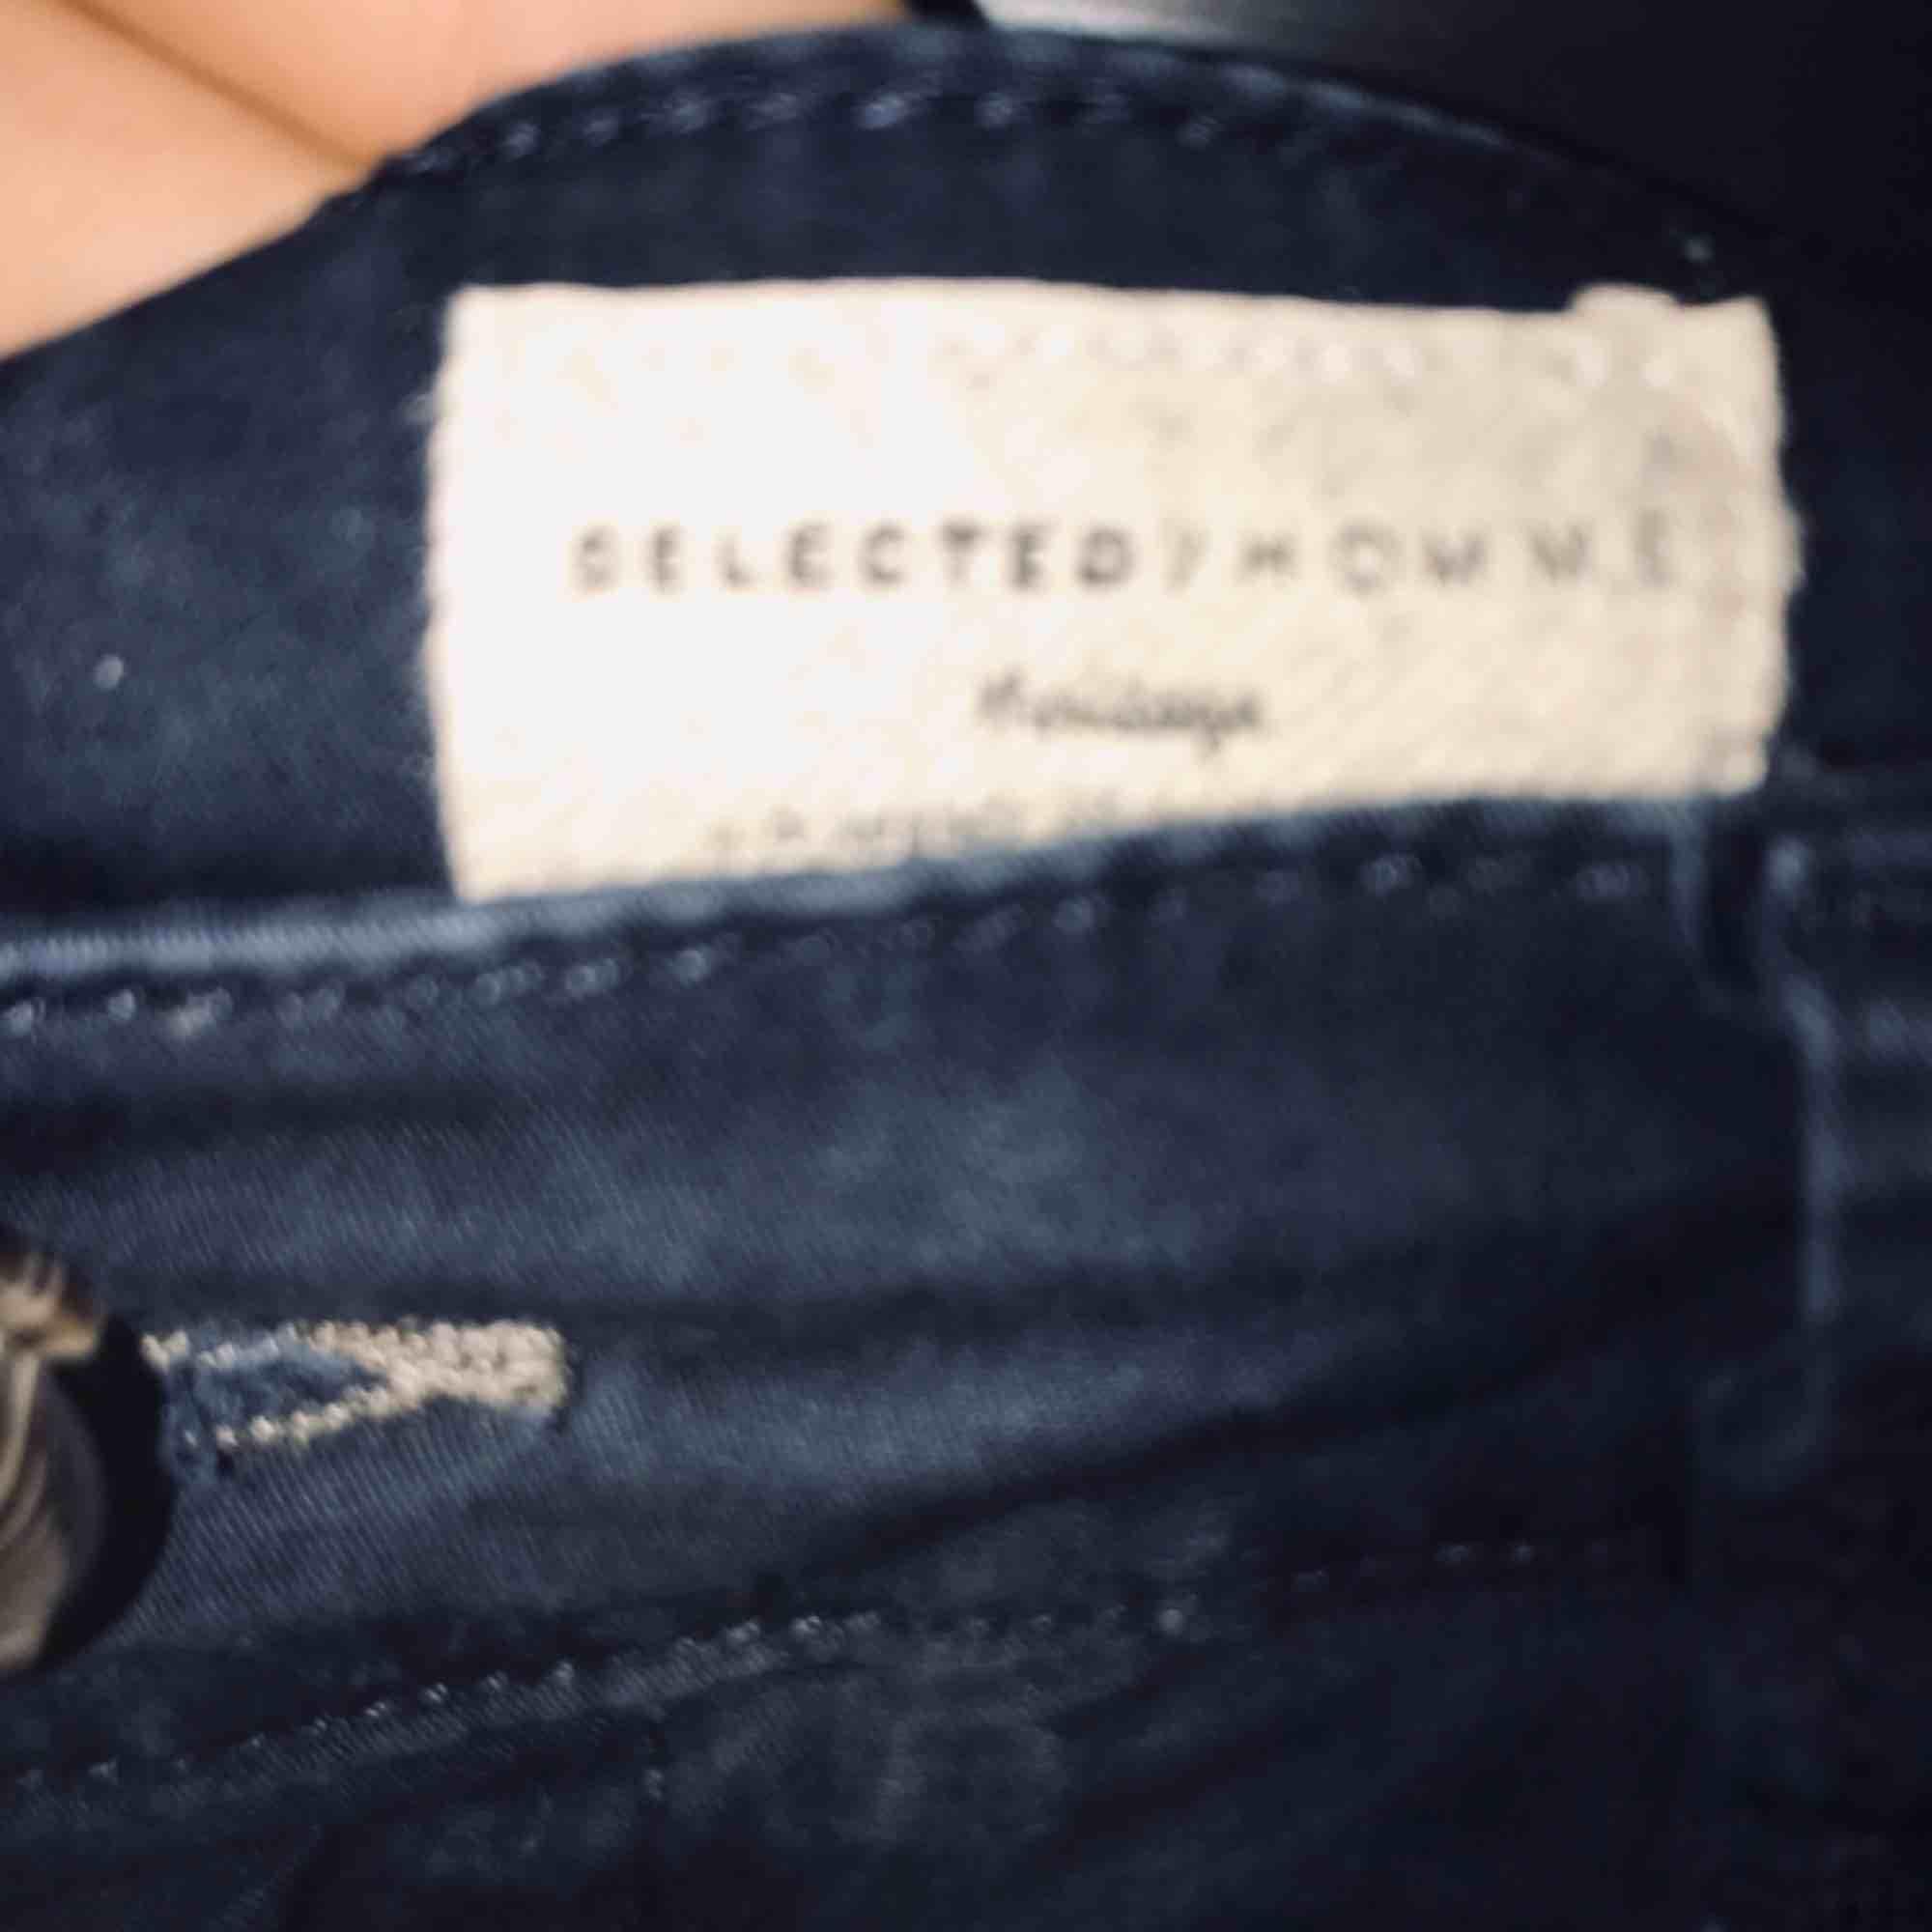 Snygga Selected / Homme shorts, kan användas vid högtider och som snygga vardagsshorts! Nyskick på dem då jag hittade dem i garderoben och hade växt ur dem. Frakt är inkluderad i priset!. Shorts.